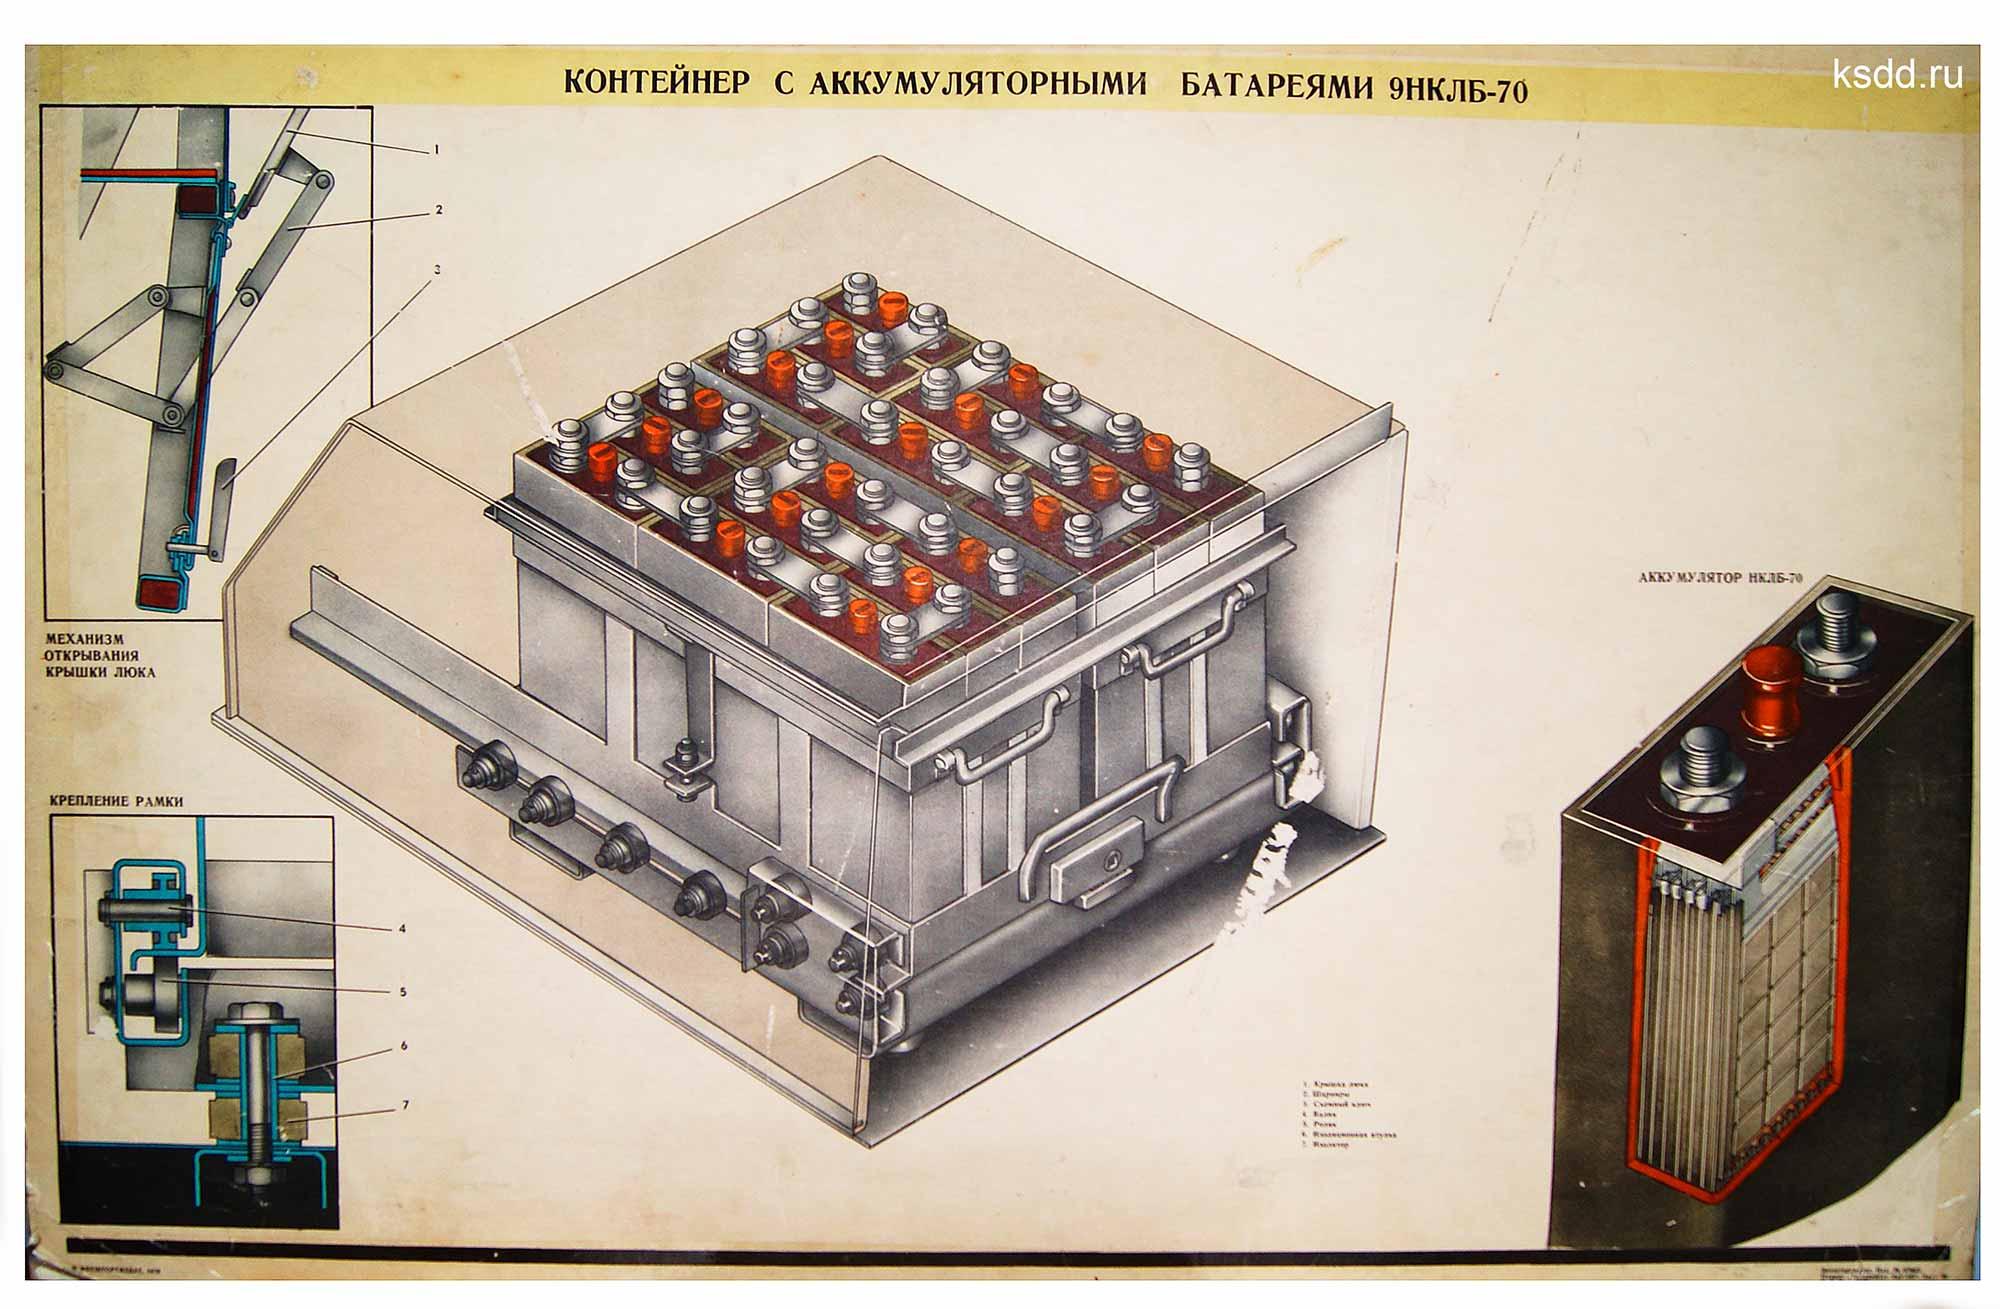 16.-Контейнер-с-аккумуляторными-батареями-9НКЛБ-70